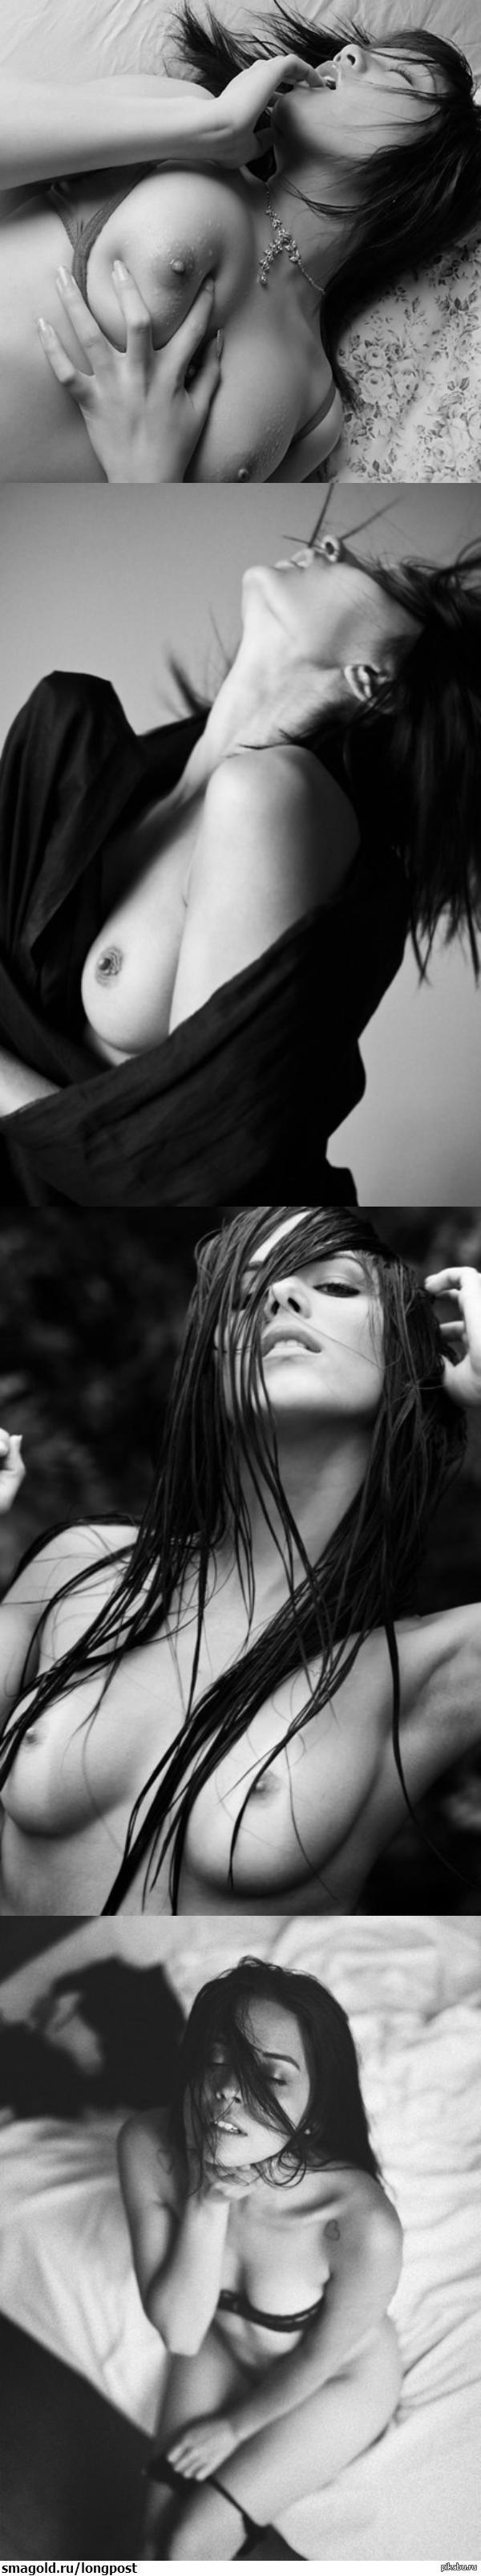 Эмоциональная девушка порно 12 фотография